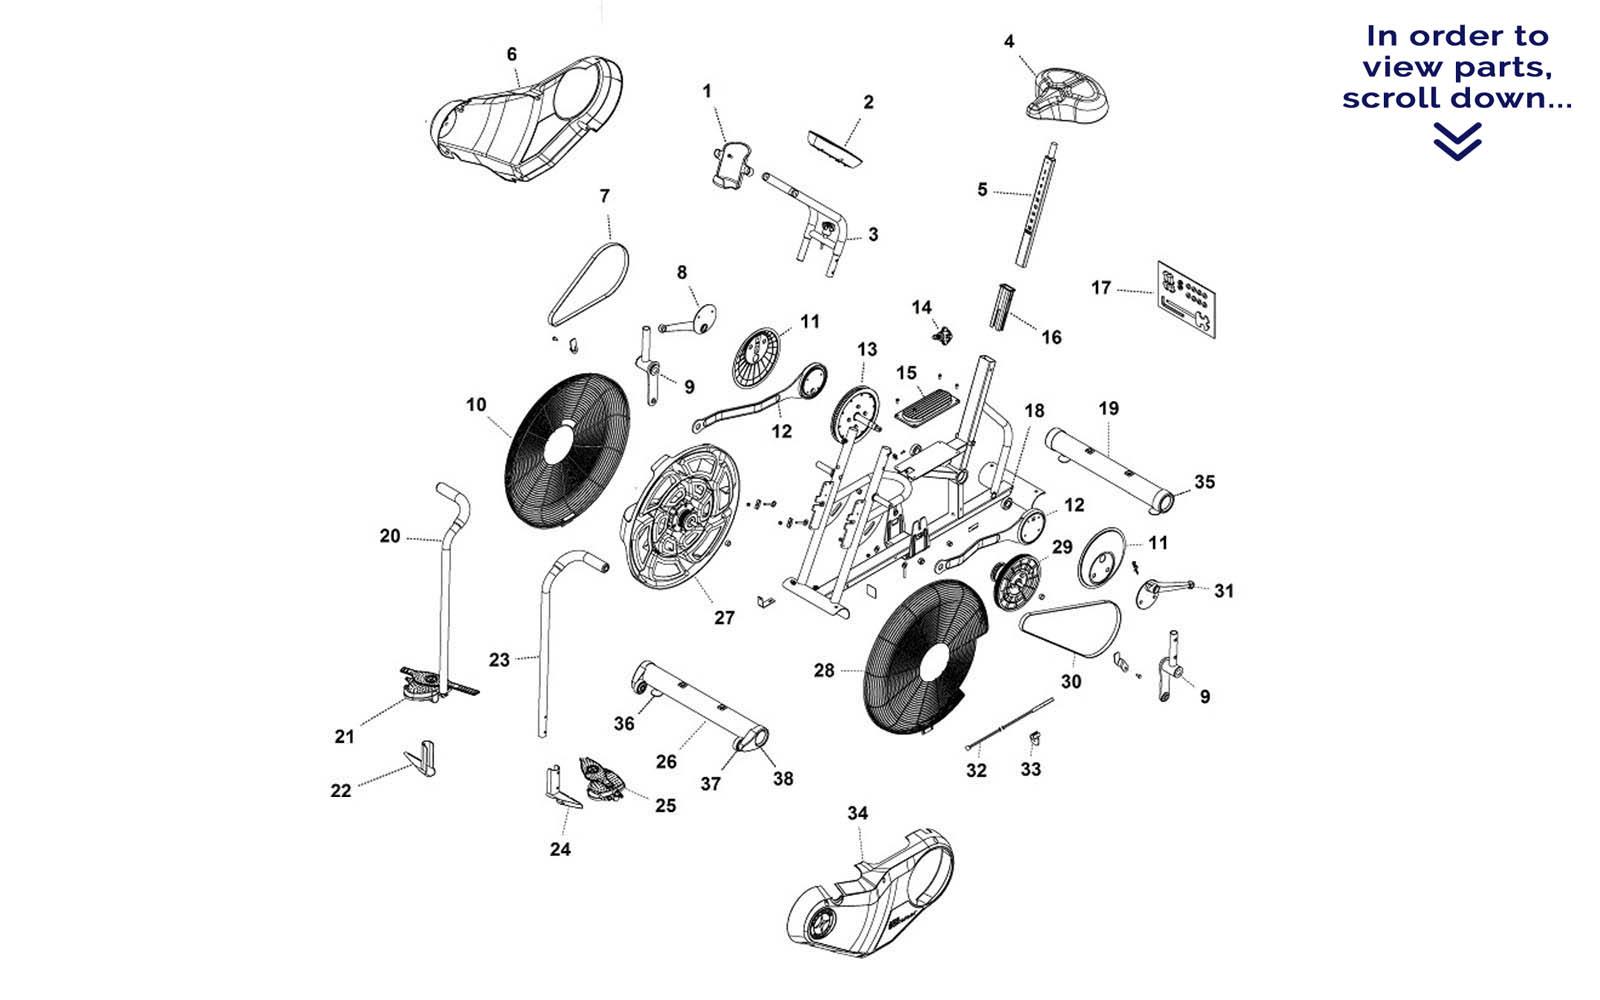 bike parts diagram porsche 964 radio wiring schwinn airdyne exercise manual best seller